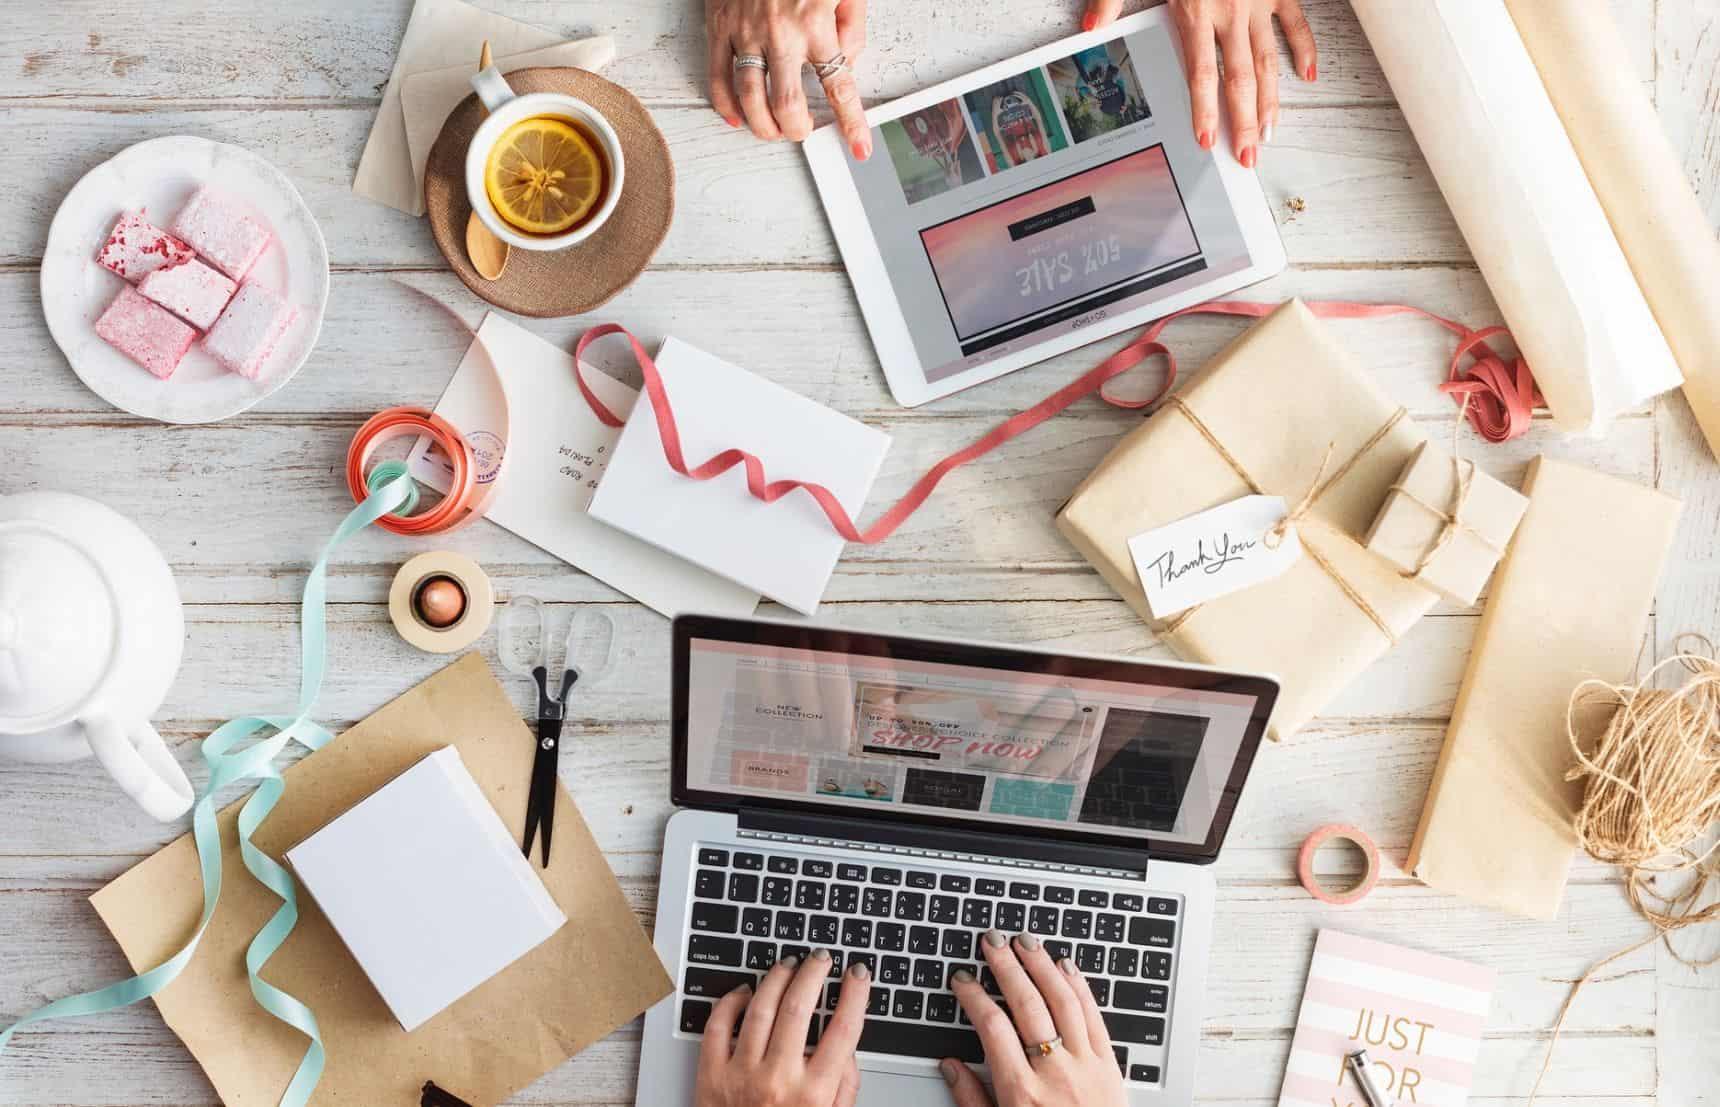 ניהול תוכן איכותי בבלוג